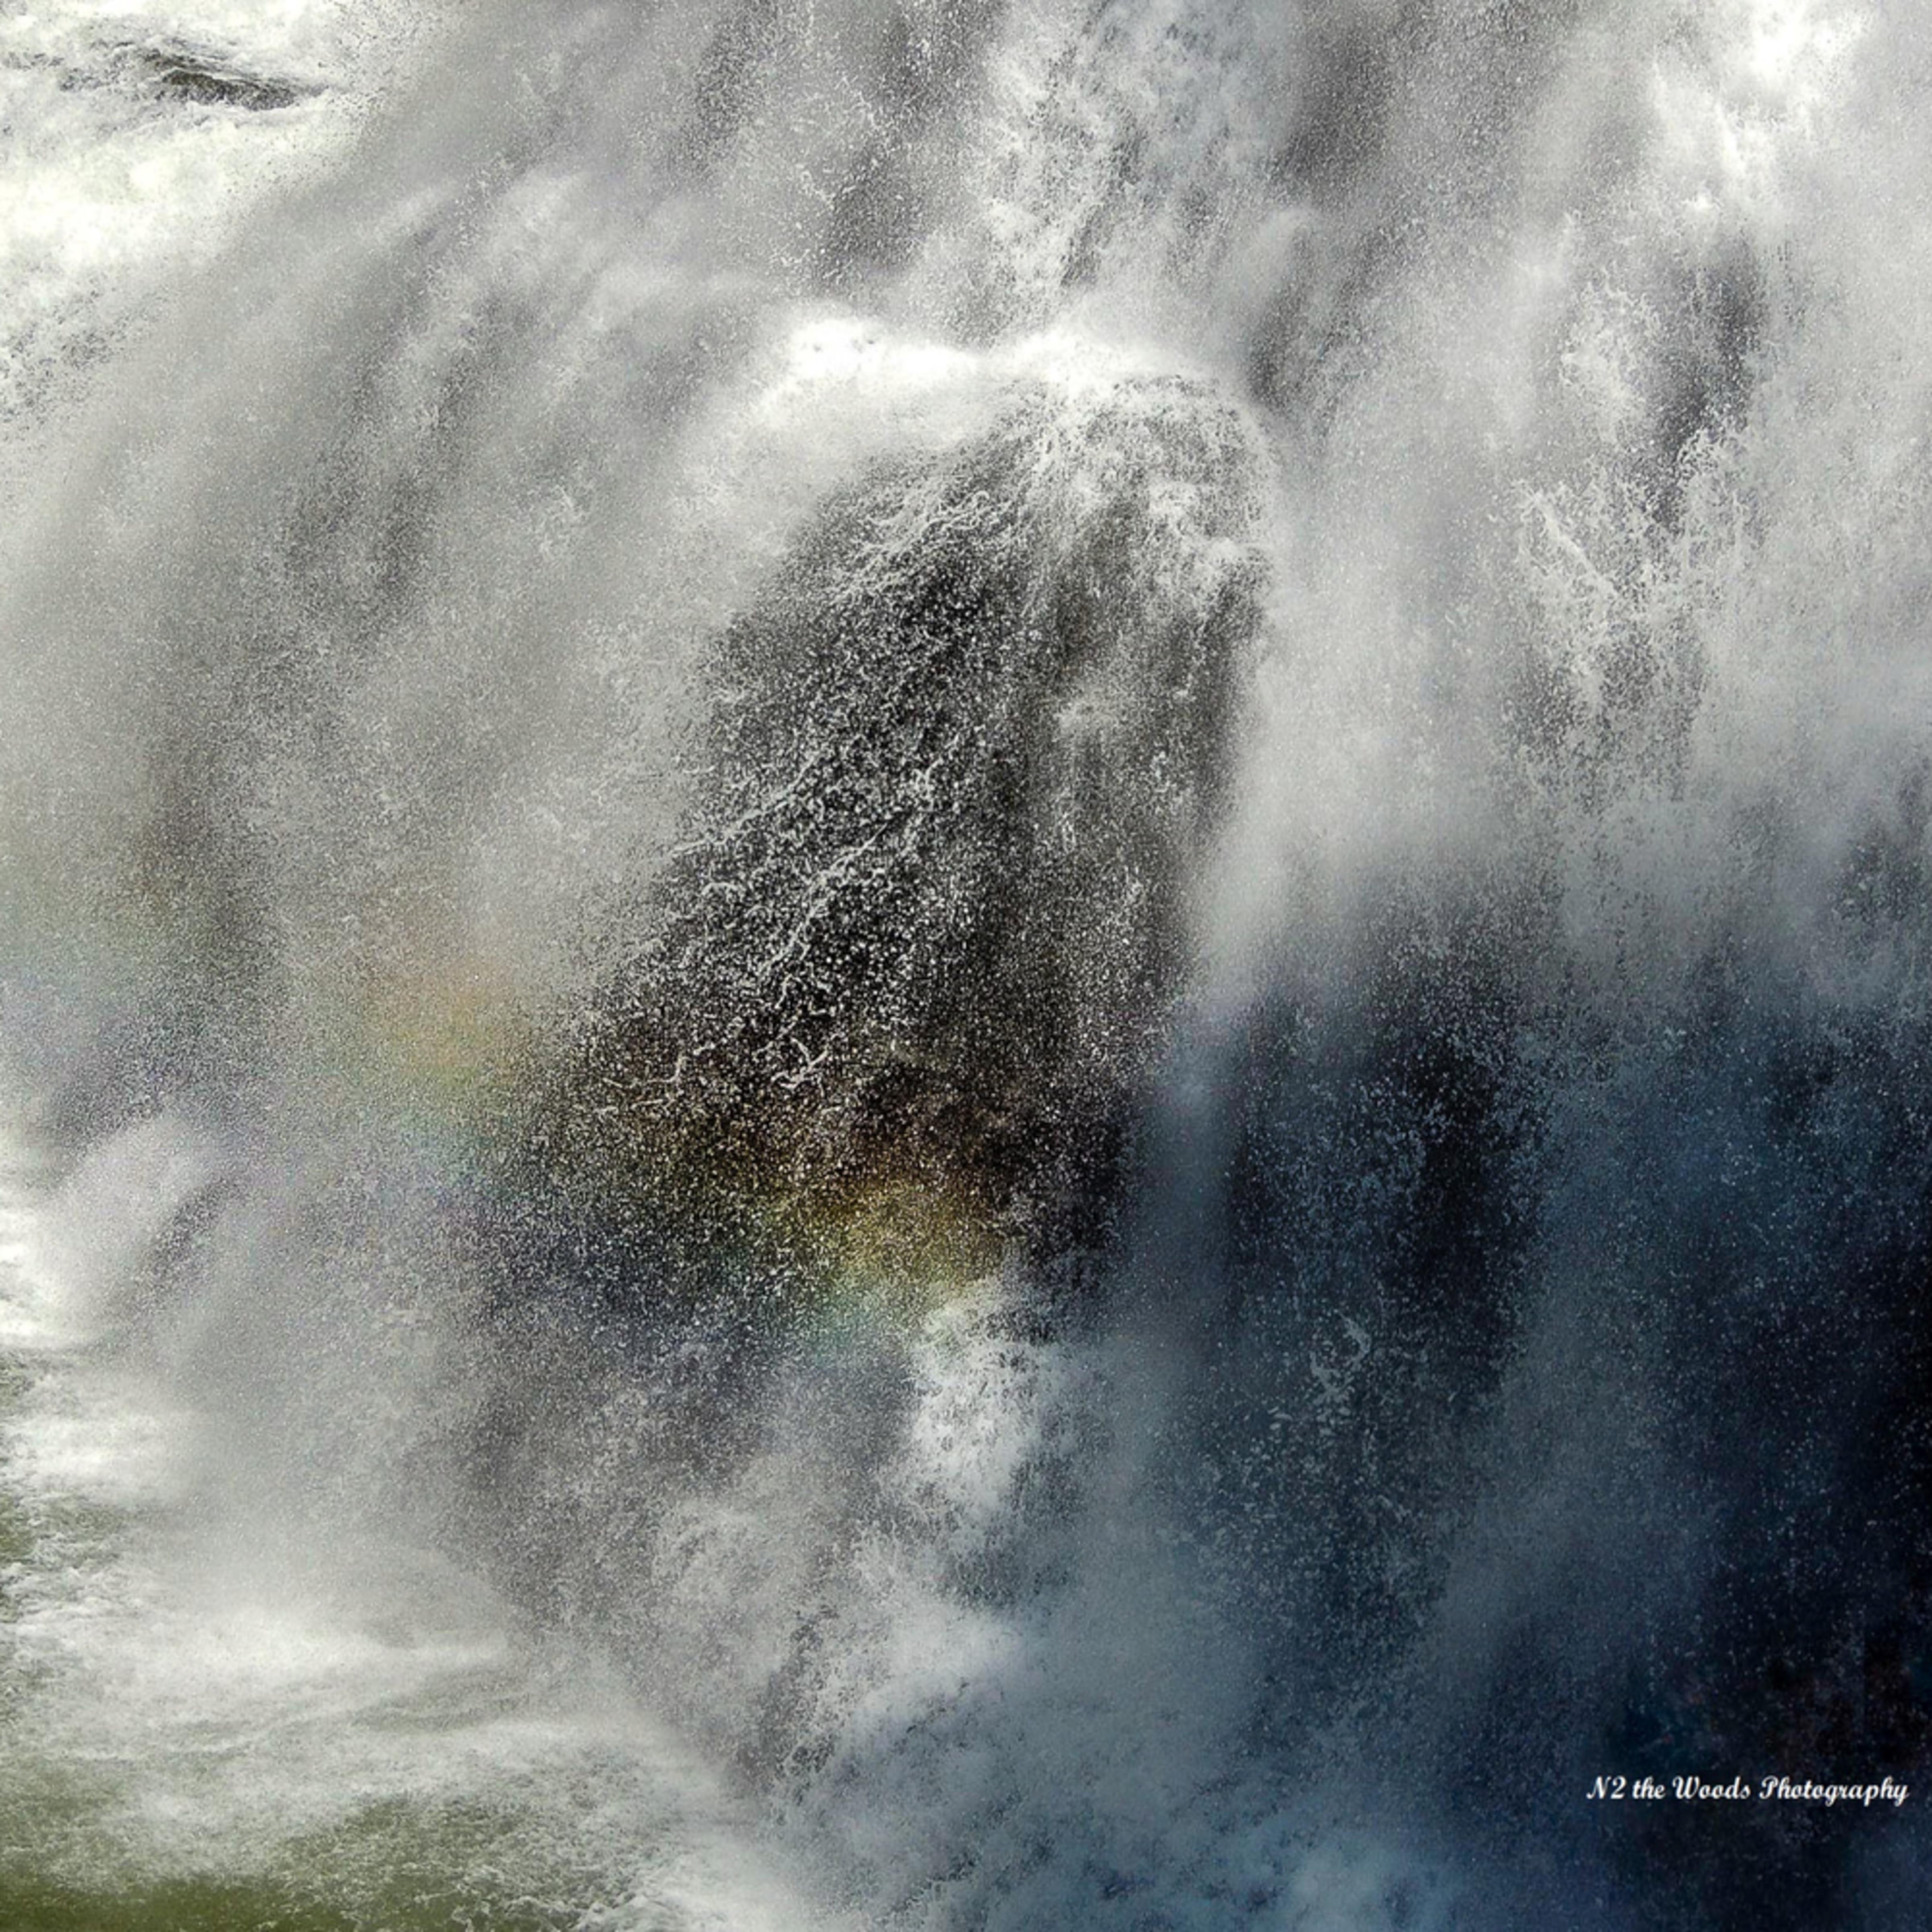 Burgess falls lower falls rainbow 2.1 cxw9ix